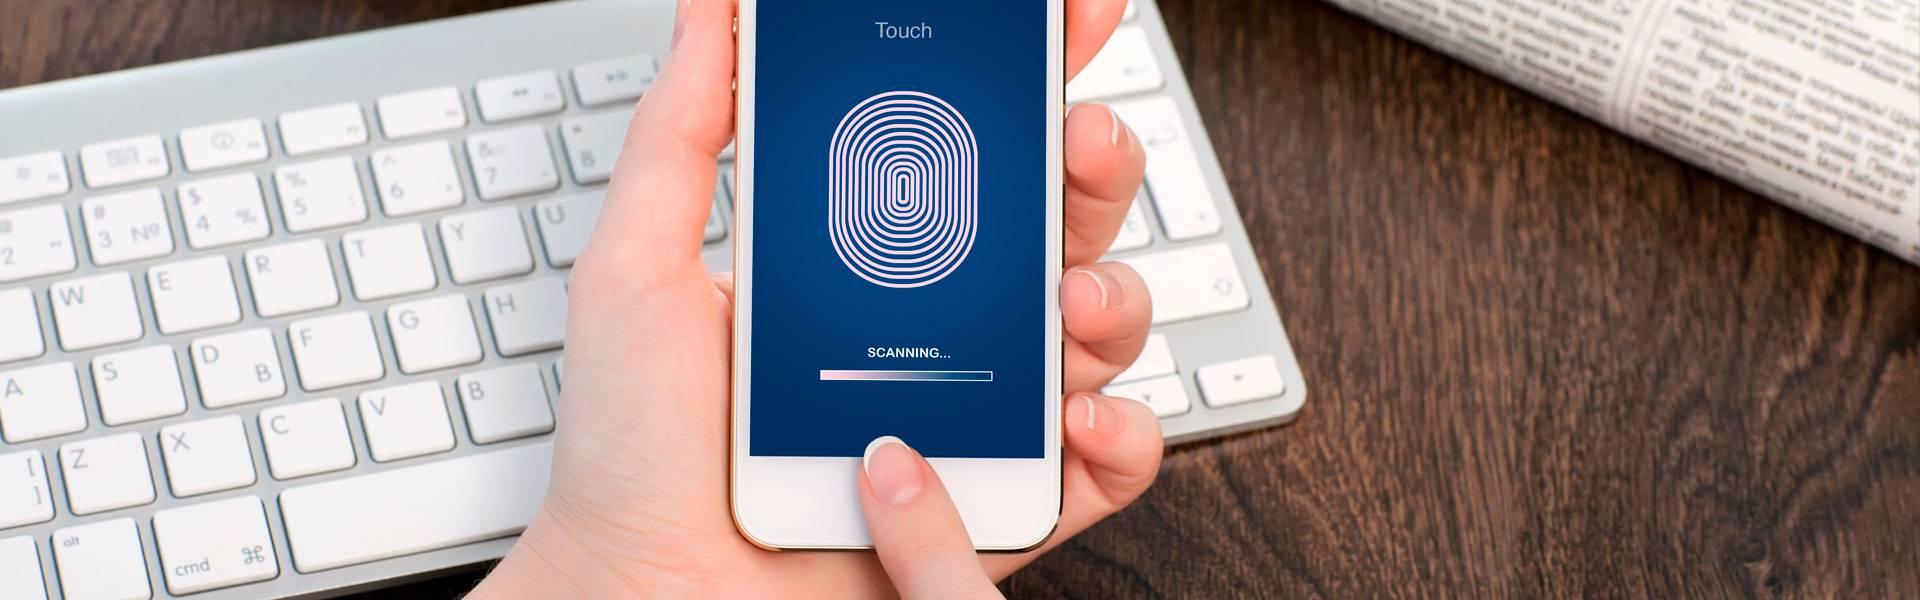 avanço tecnológico Biometria Controlo de Acessos gestão de assiduidade idonic Impressão Digital pagamentos online Reconhecimento Biométrico segurança segurança biométrica sensor biométrico smartphones Tecnologia Biométrica